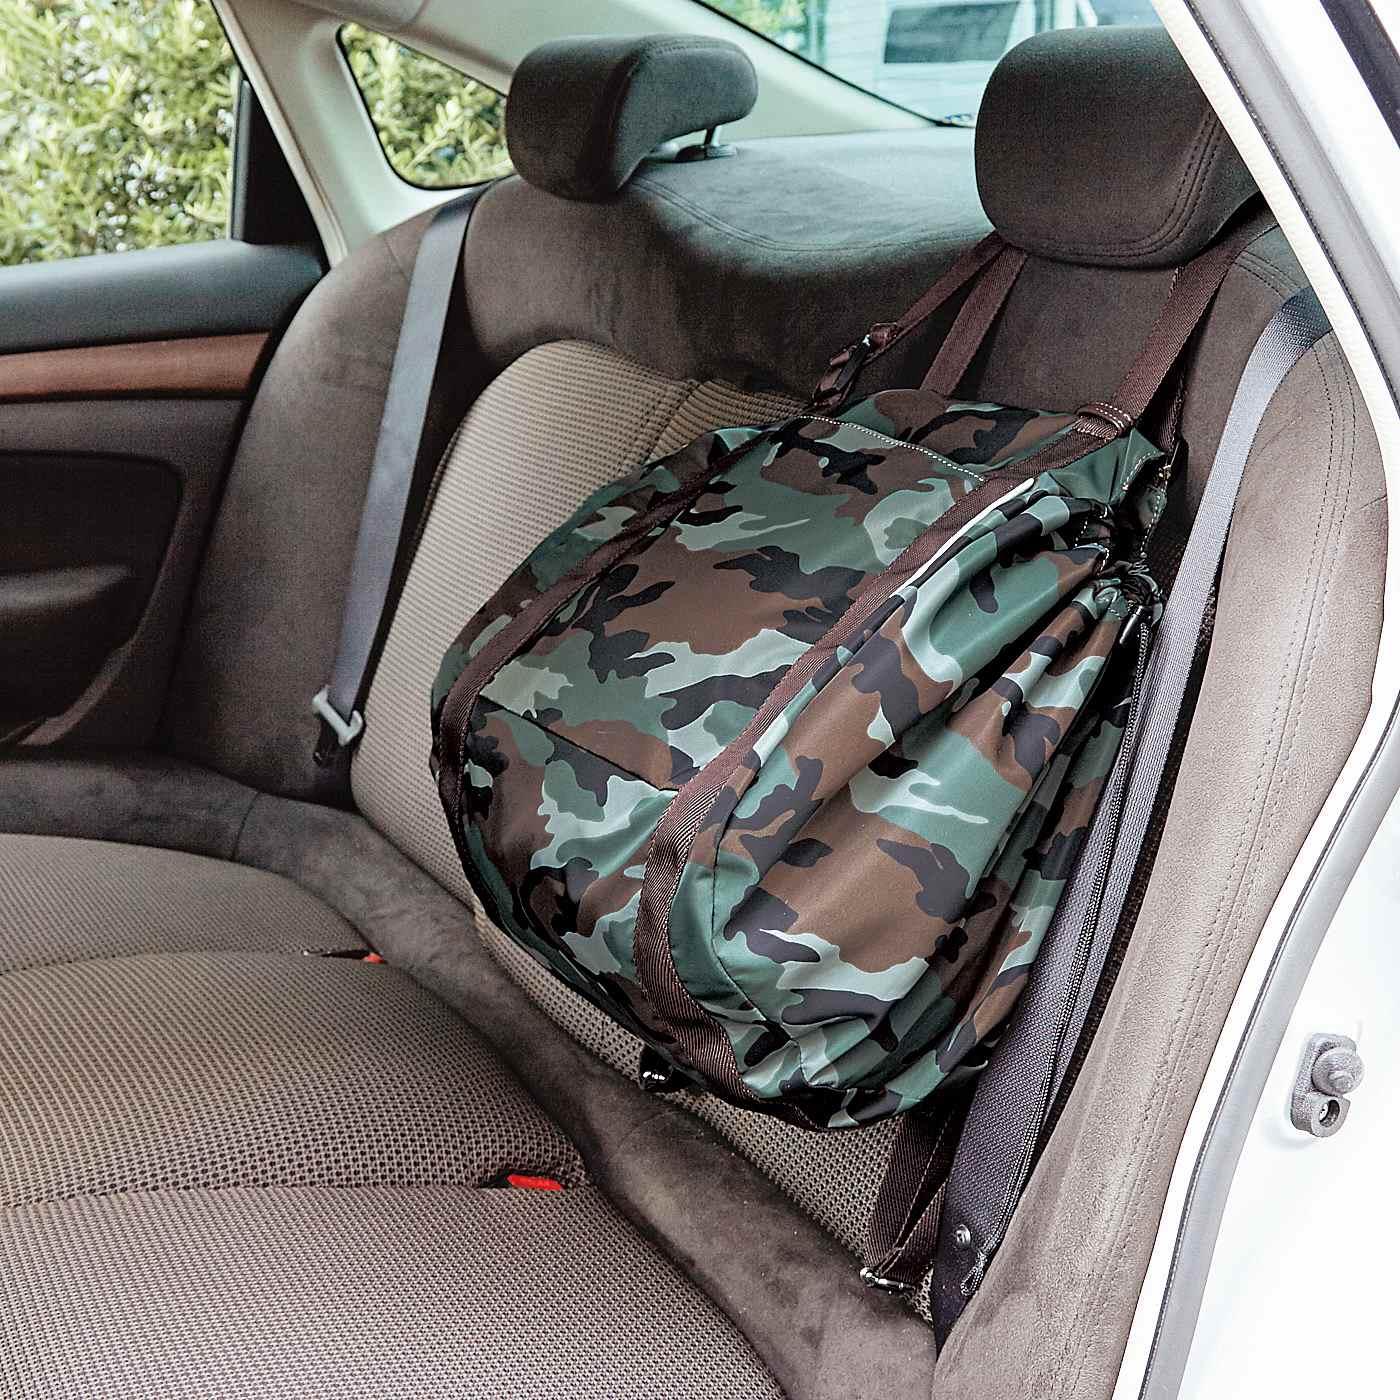 ヘッドレストに掛けておけばブレーキやカーブで荷物が転がらない。